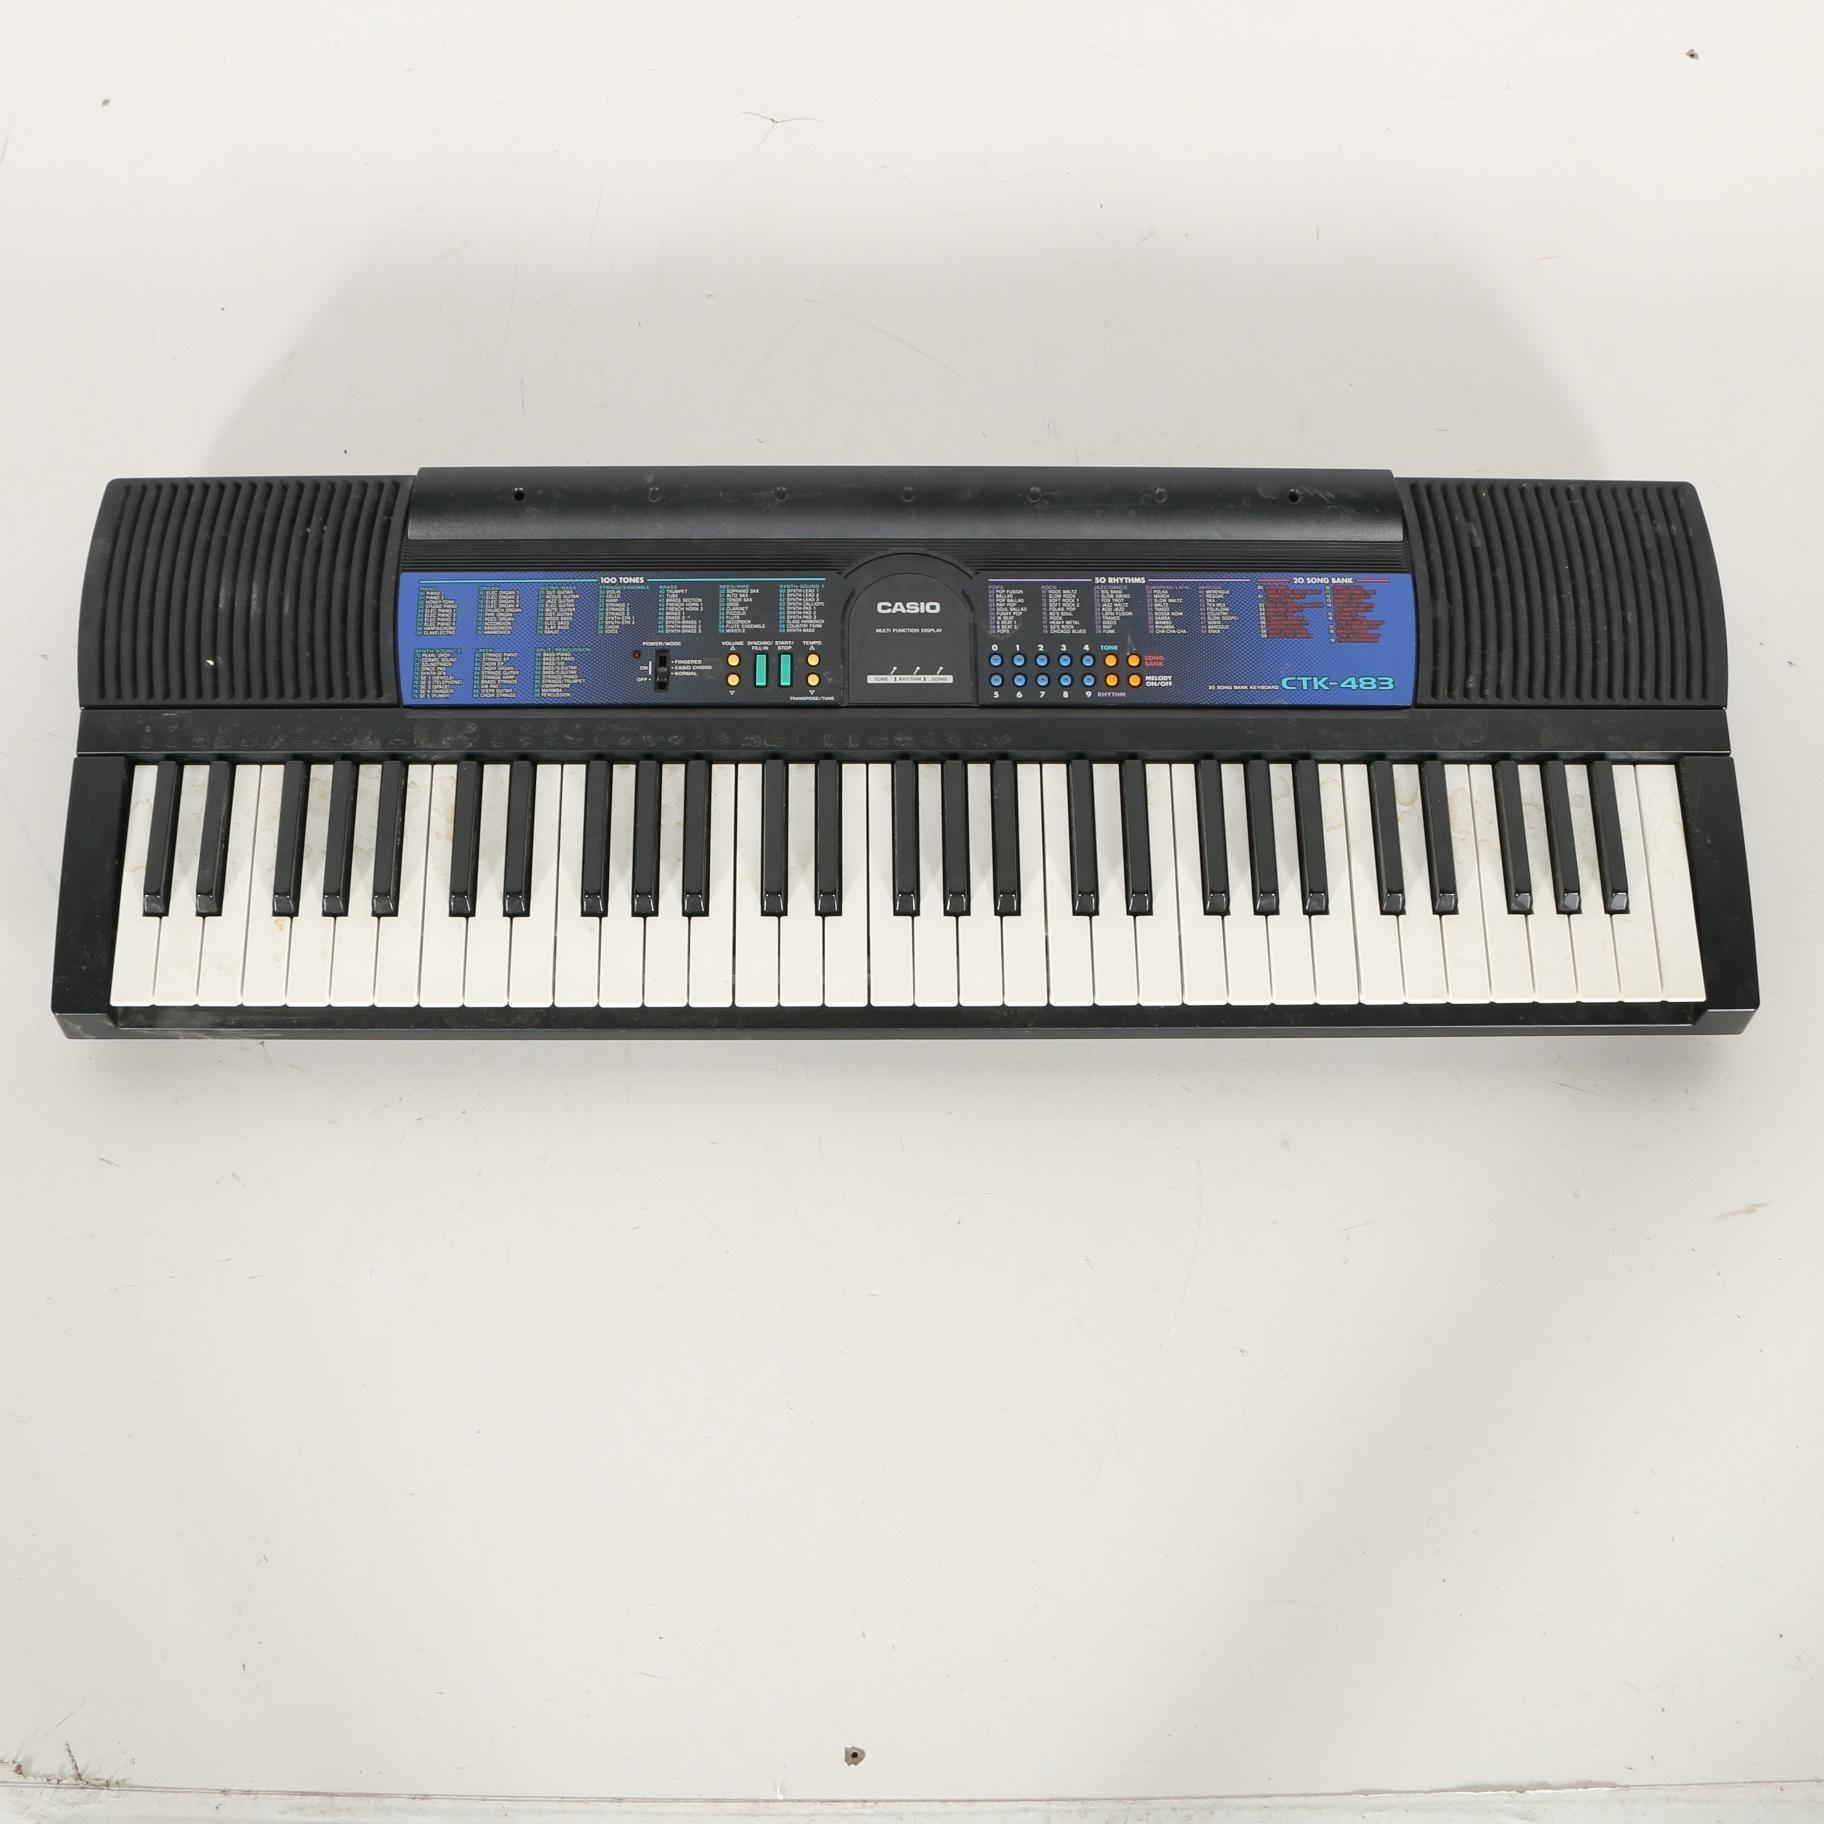 Casio CTK-483 Electronic Keyboard